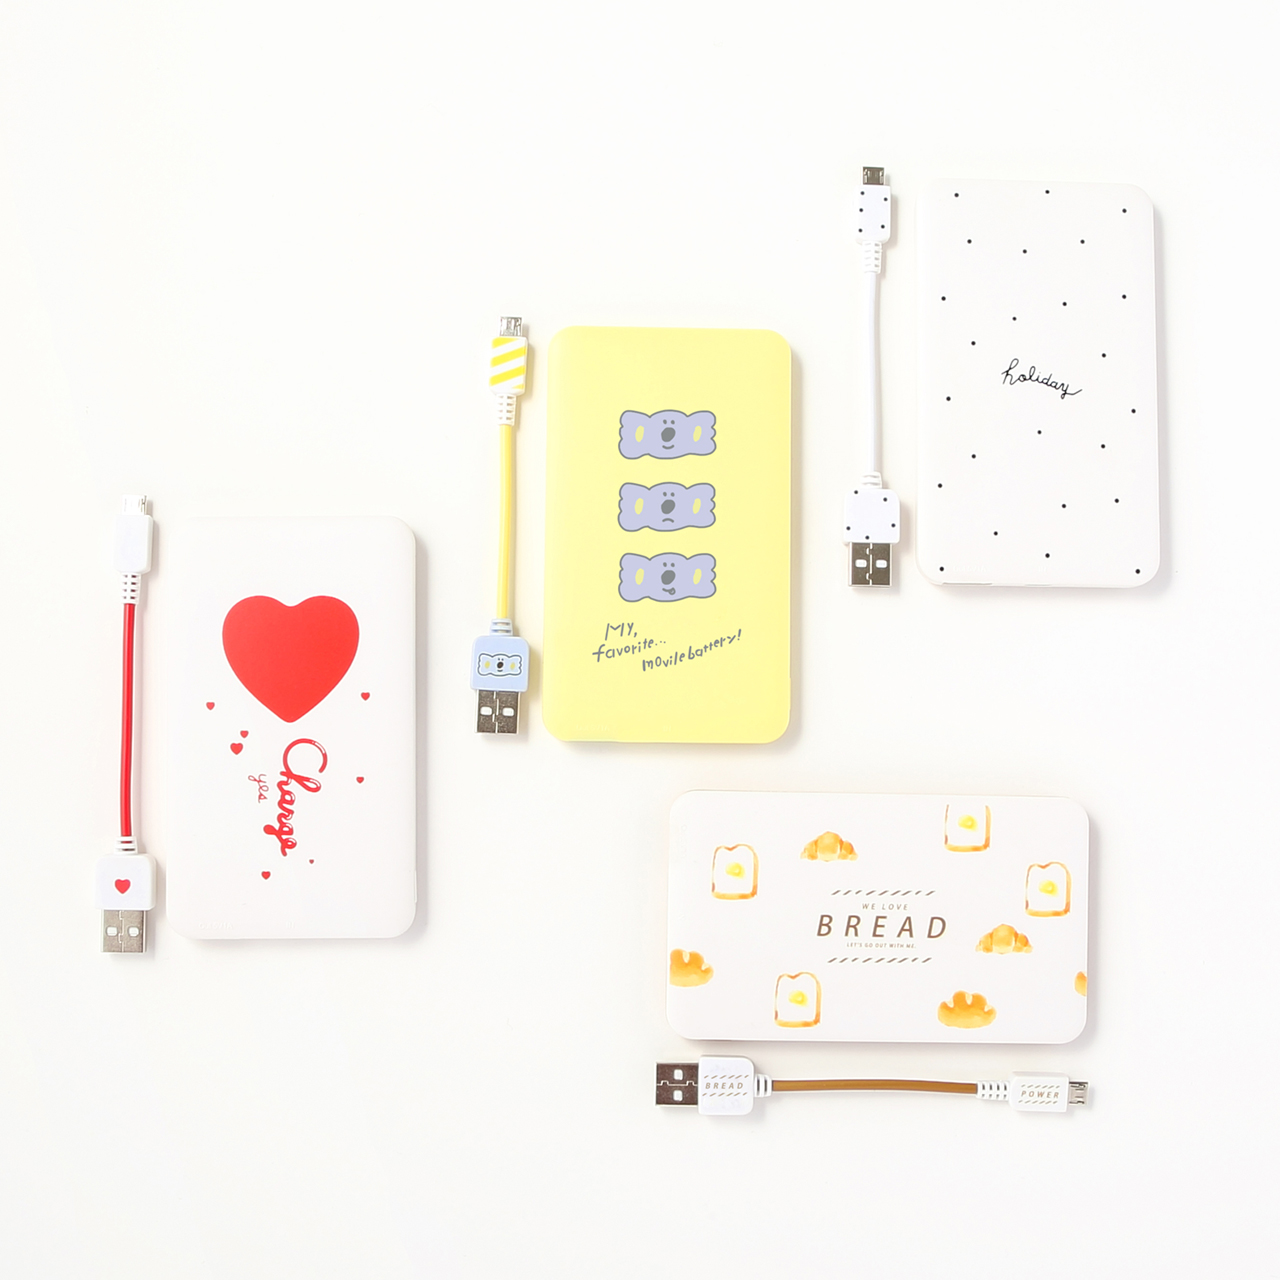 3000mAhモバイルバッテリー(ハート、コアラ、Holiday、パン)各500円